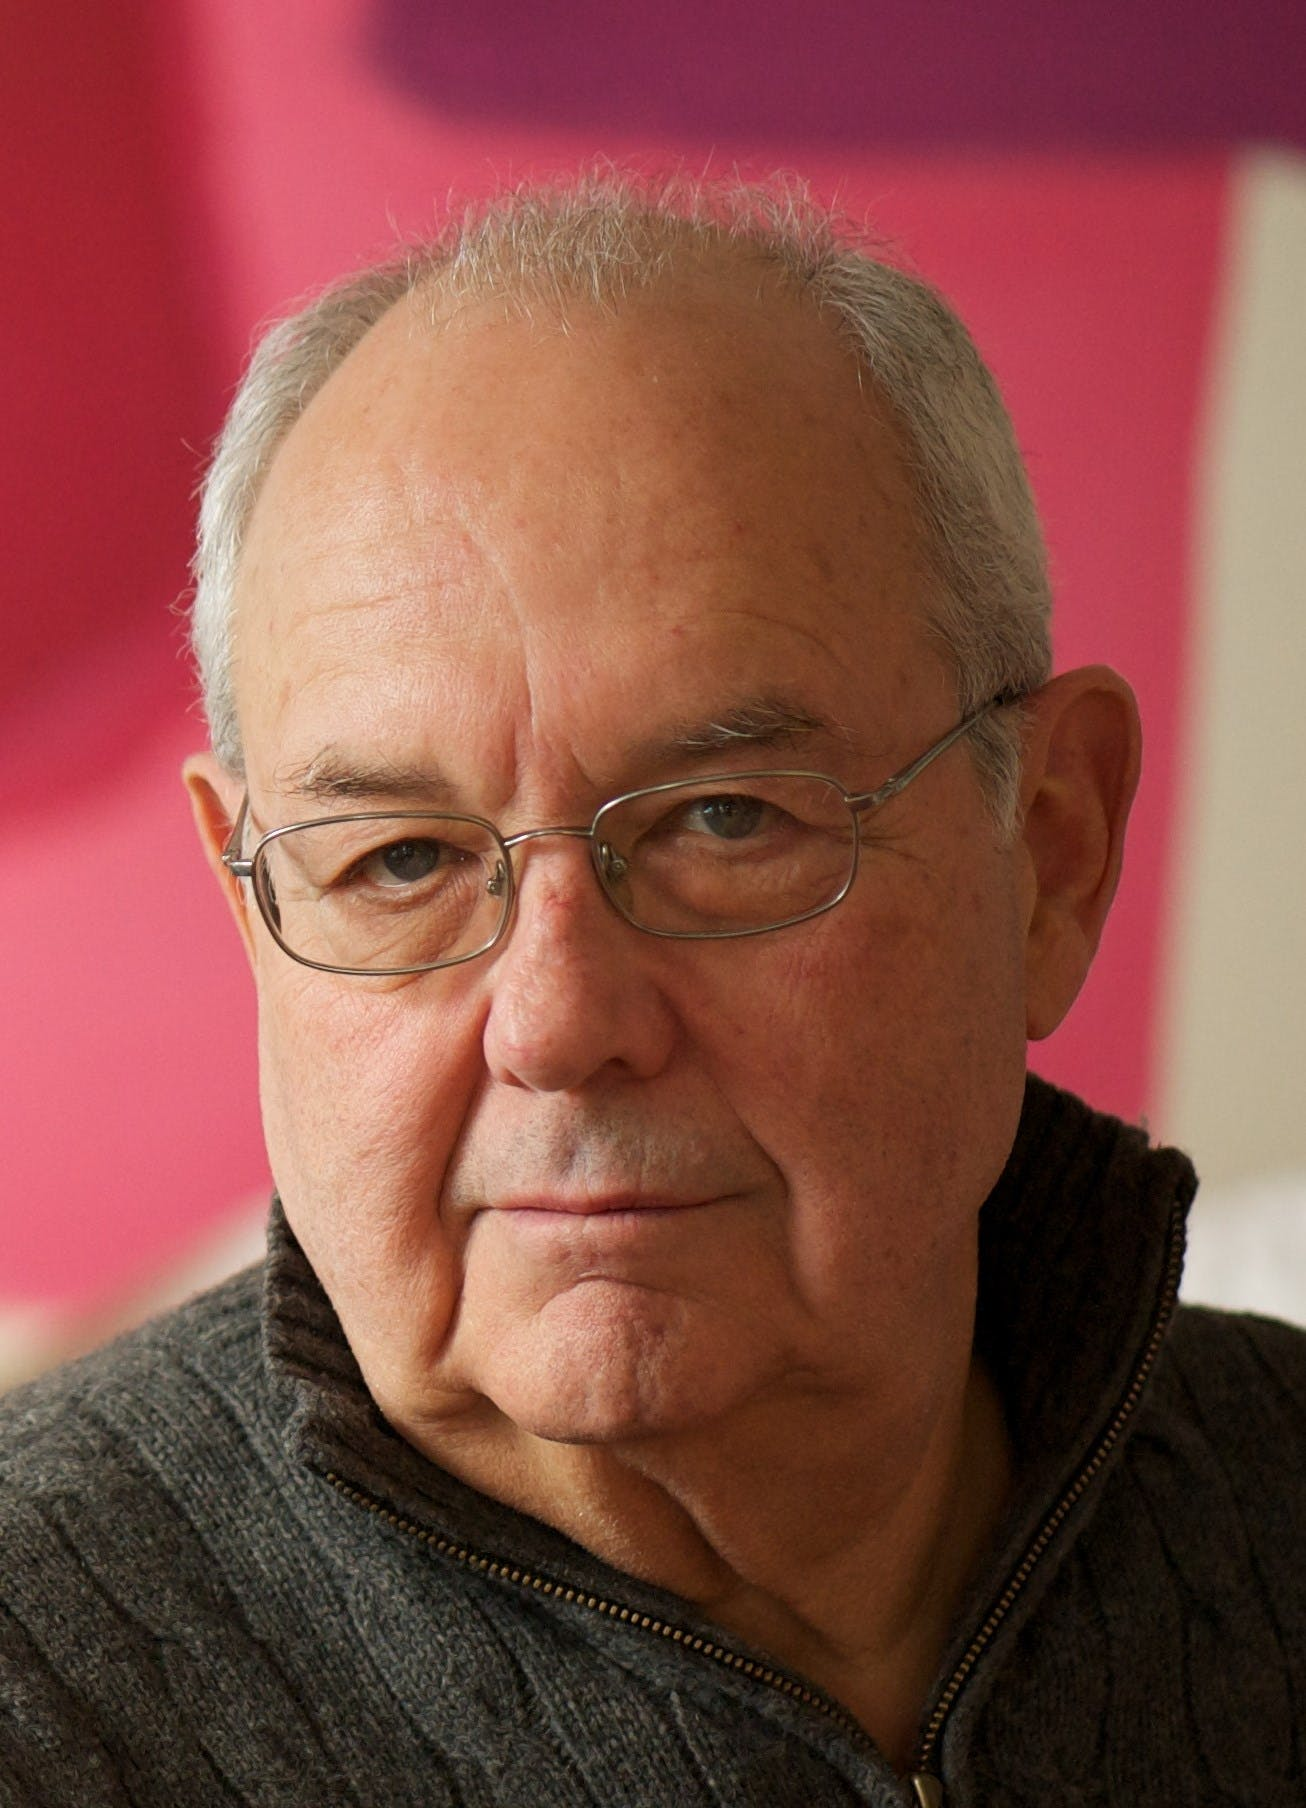 Steve Kenis